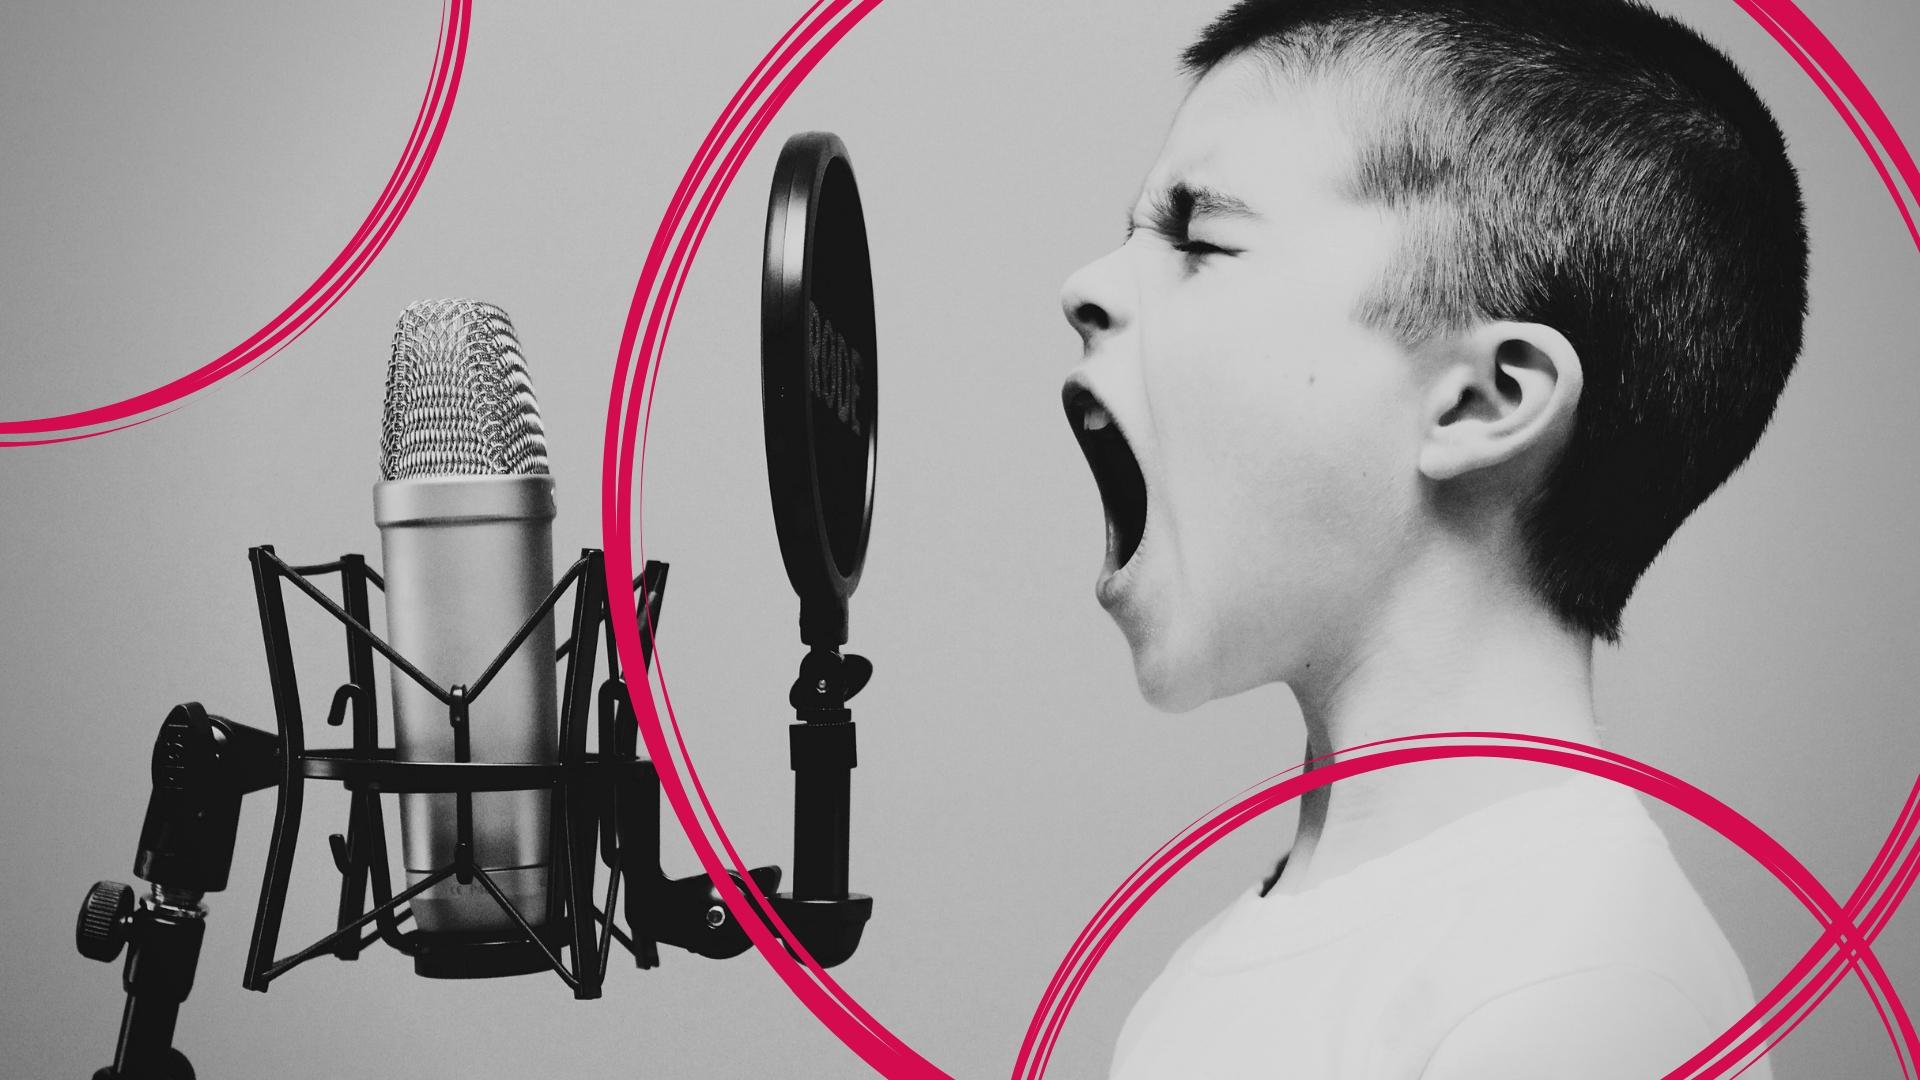 Debemos revisar la forma en cómo cubrimos historias sobre infantes